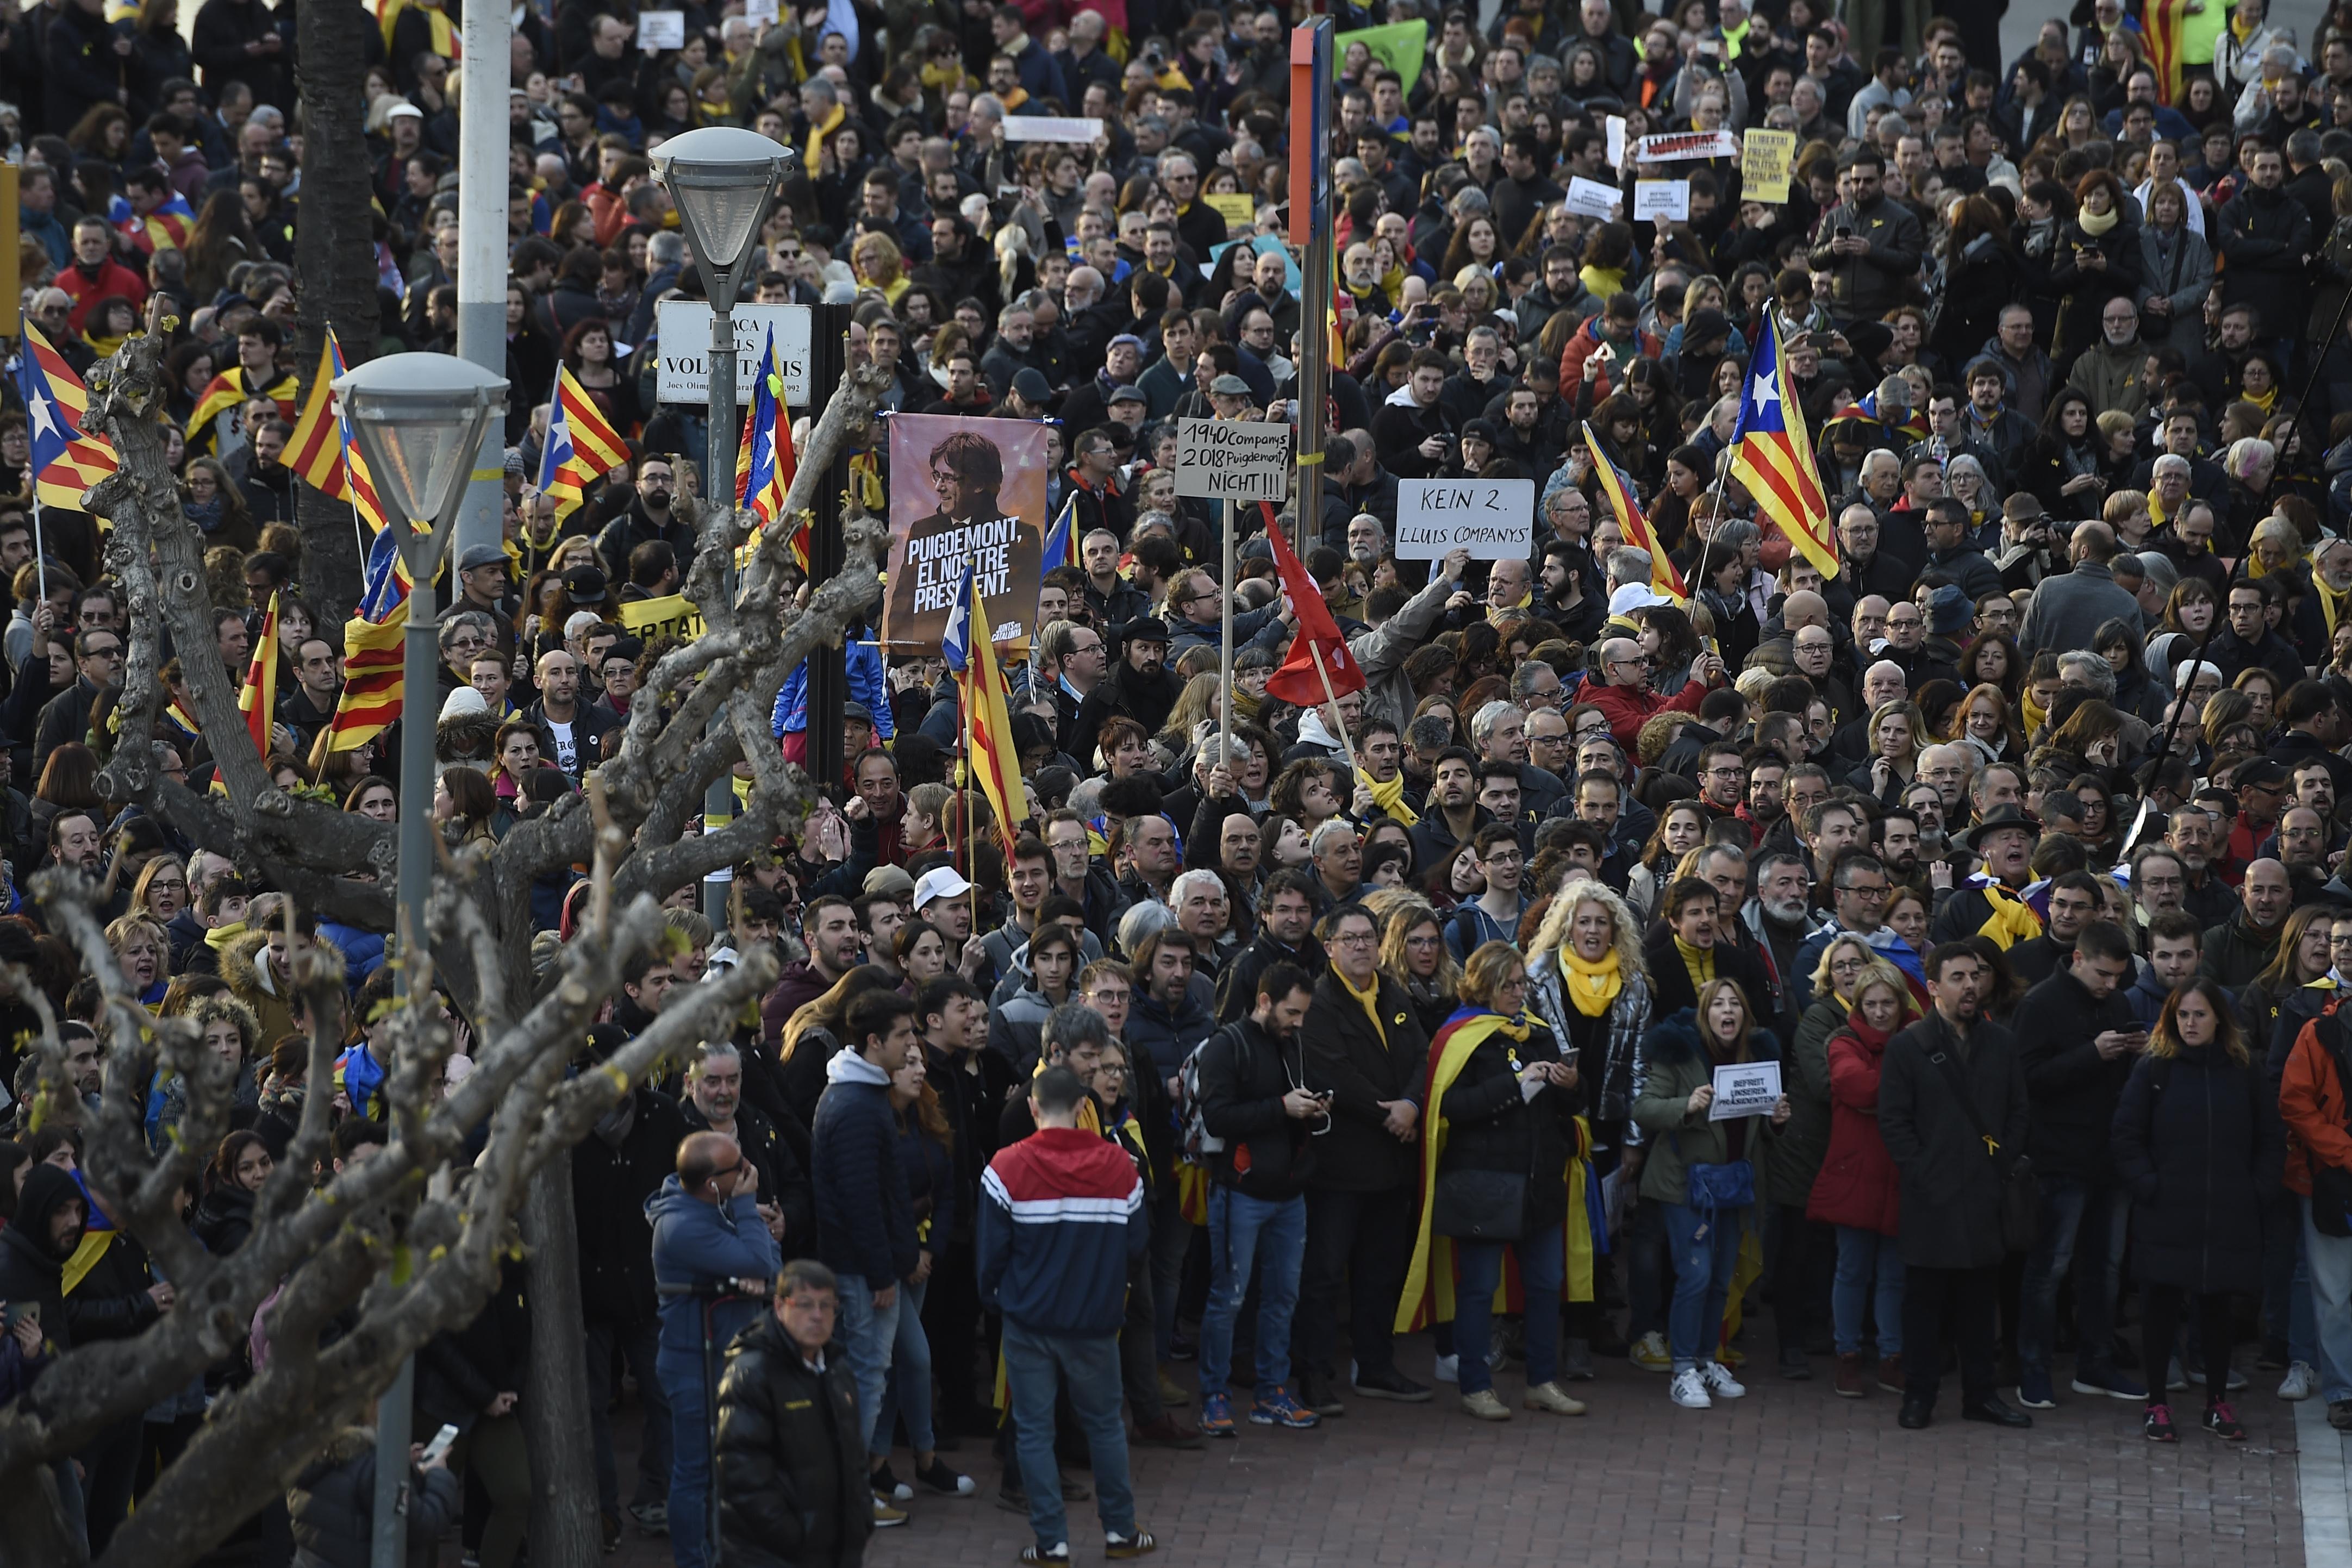 Több ezren tüntetnek Barcelonában a volt katalán elnök letartóztatása miatt, összecsapások is voltak